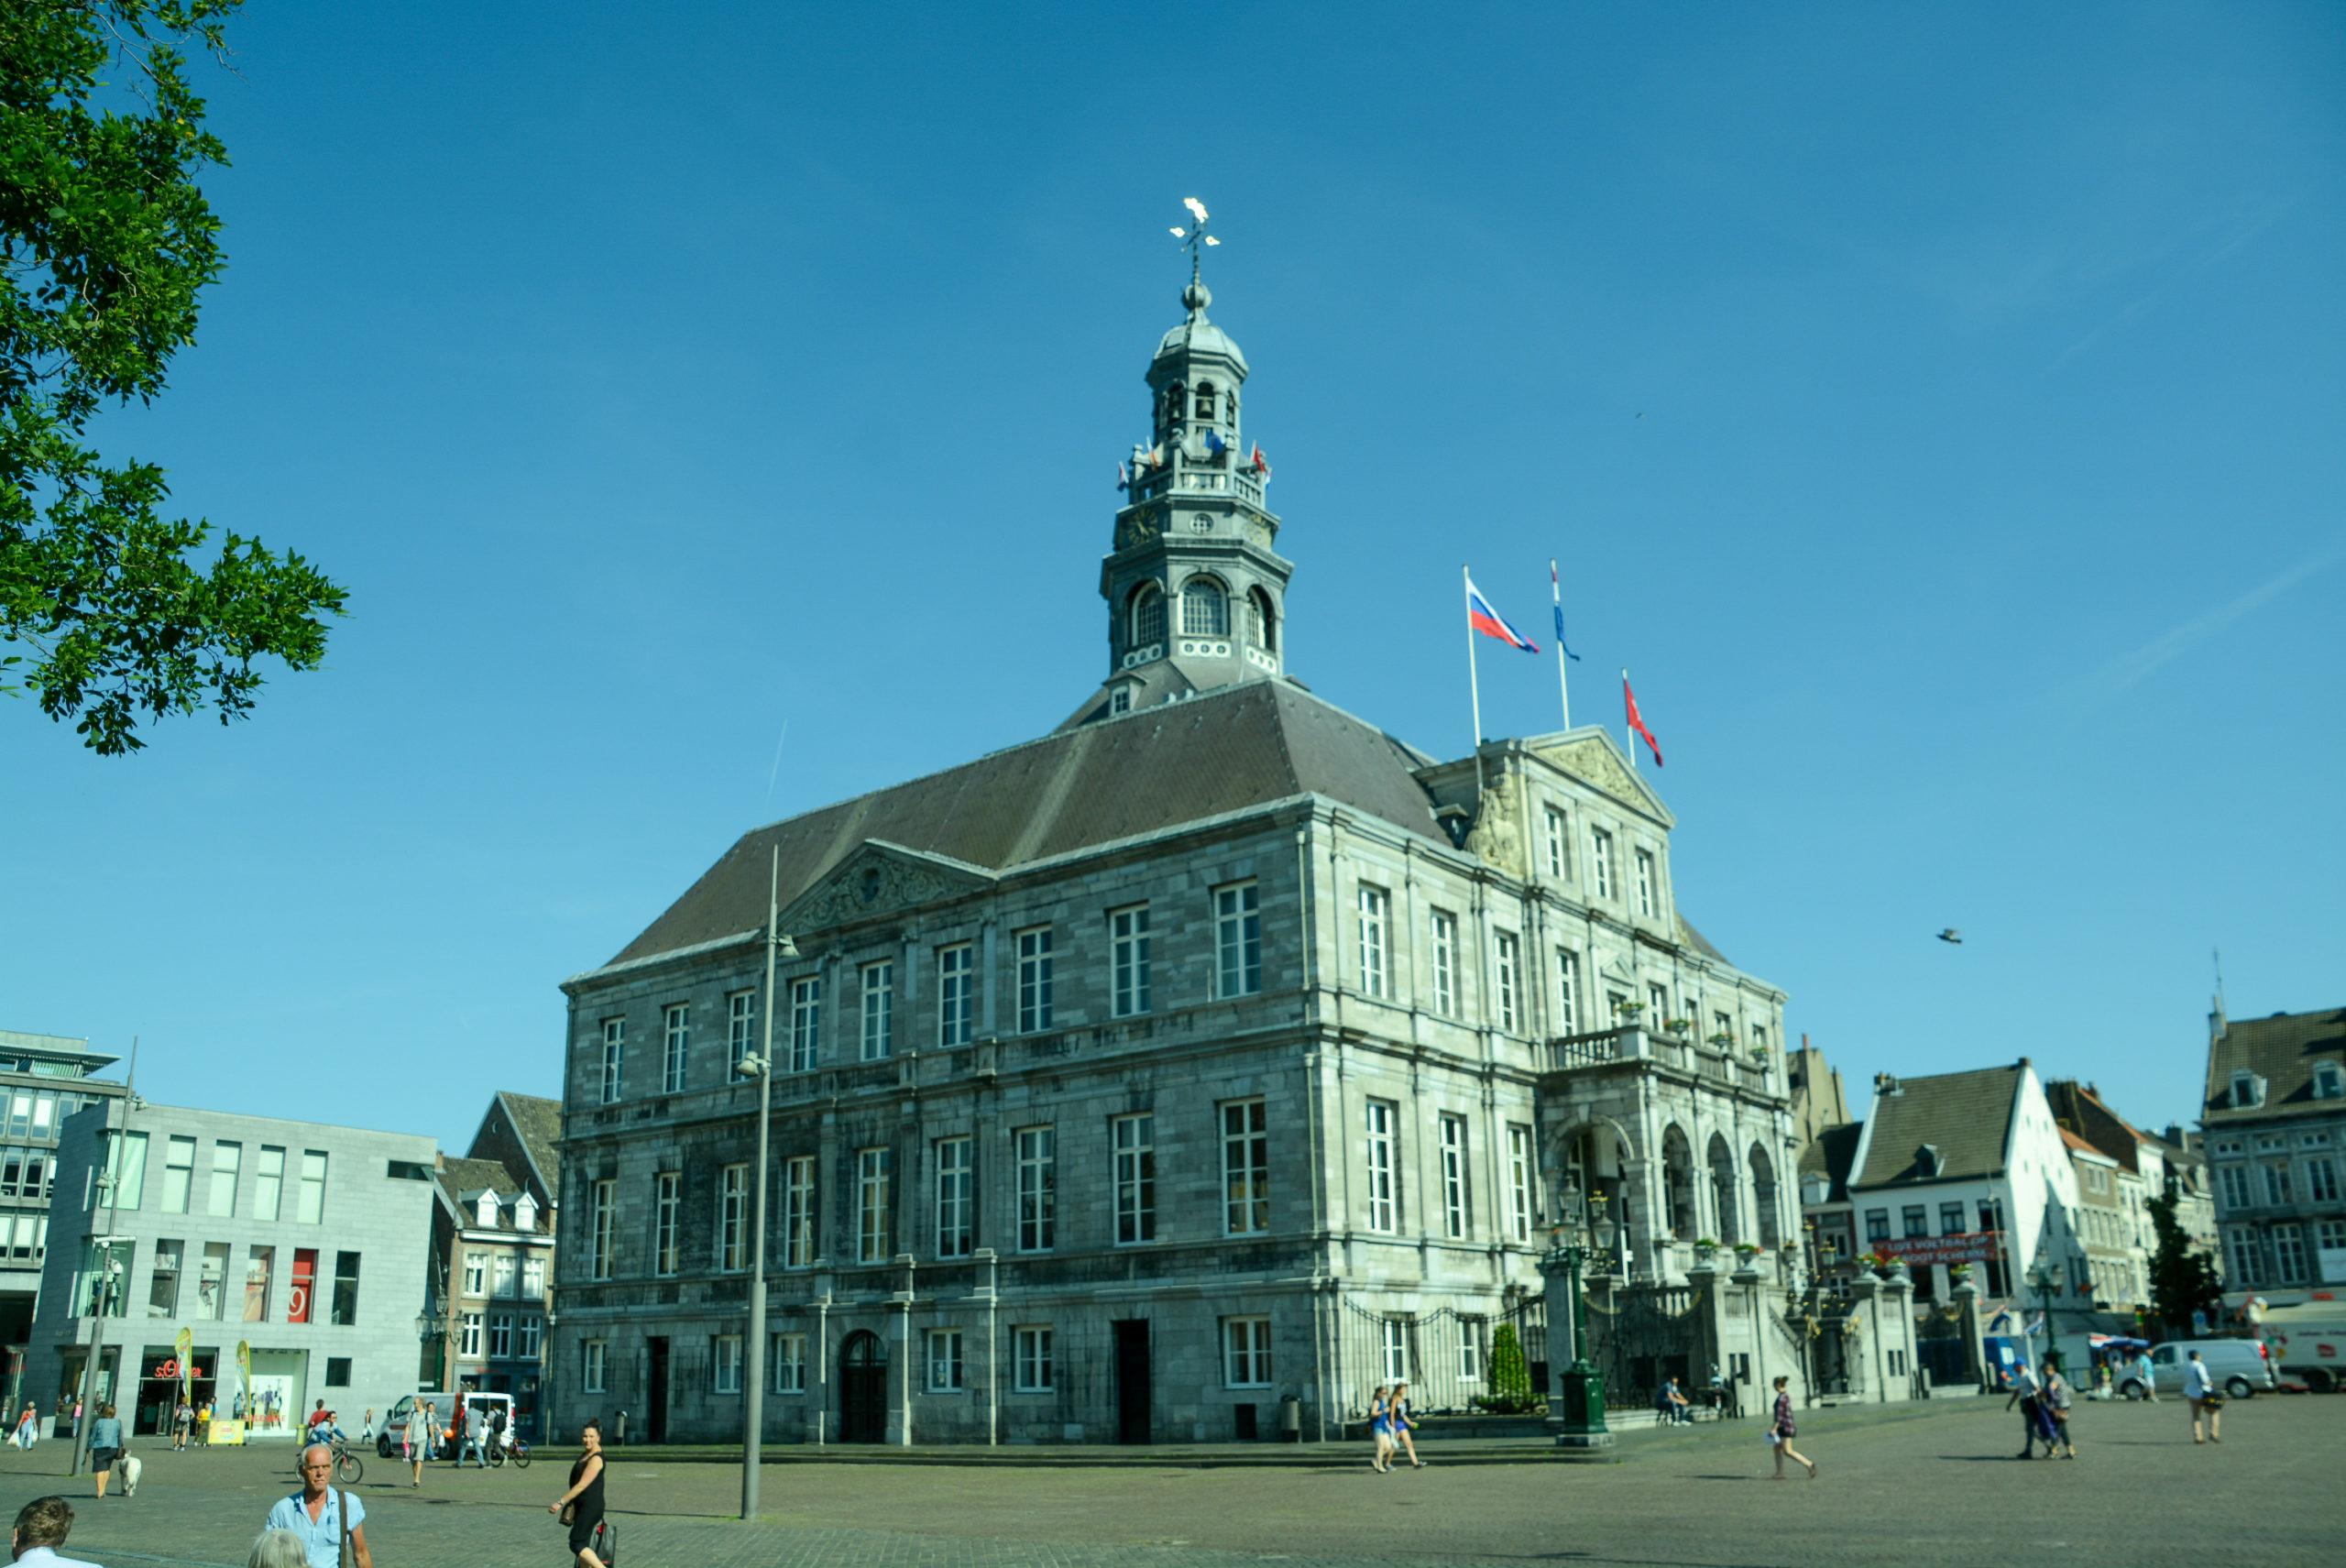 Das Alte Rathaus auf dem Markt von Maastricht